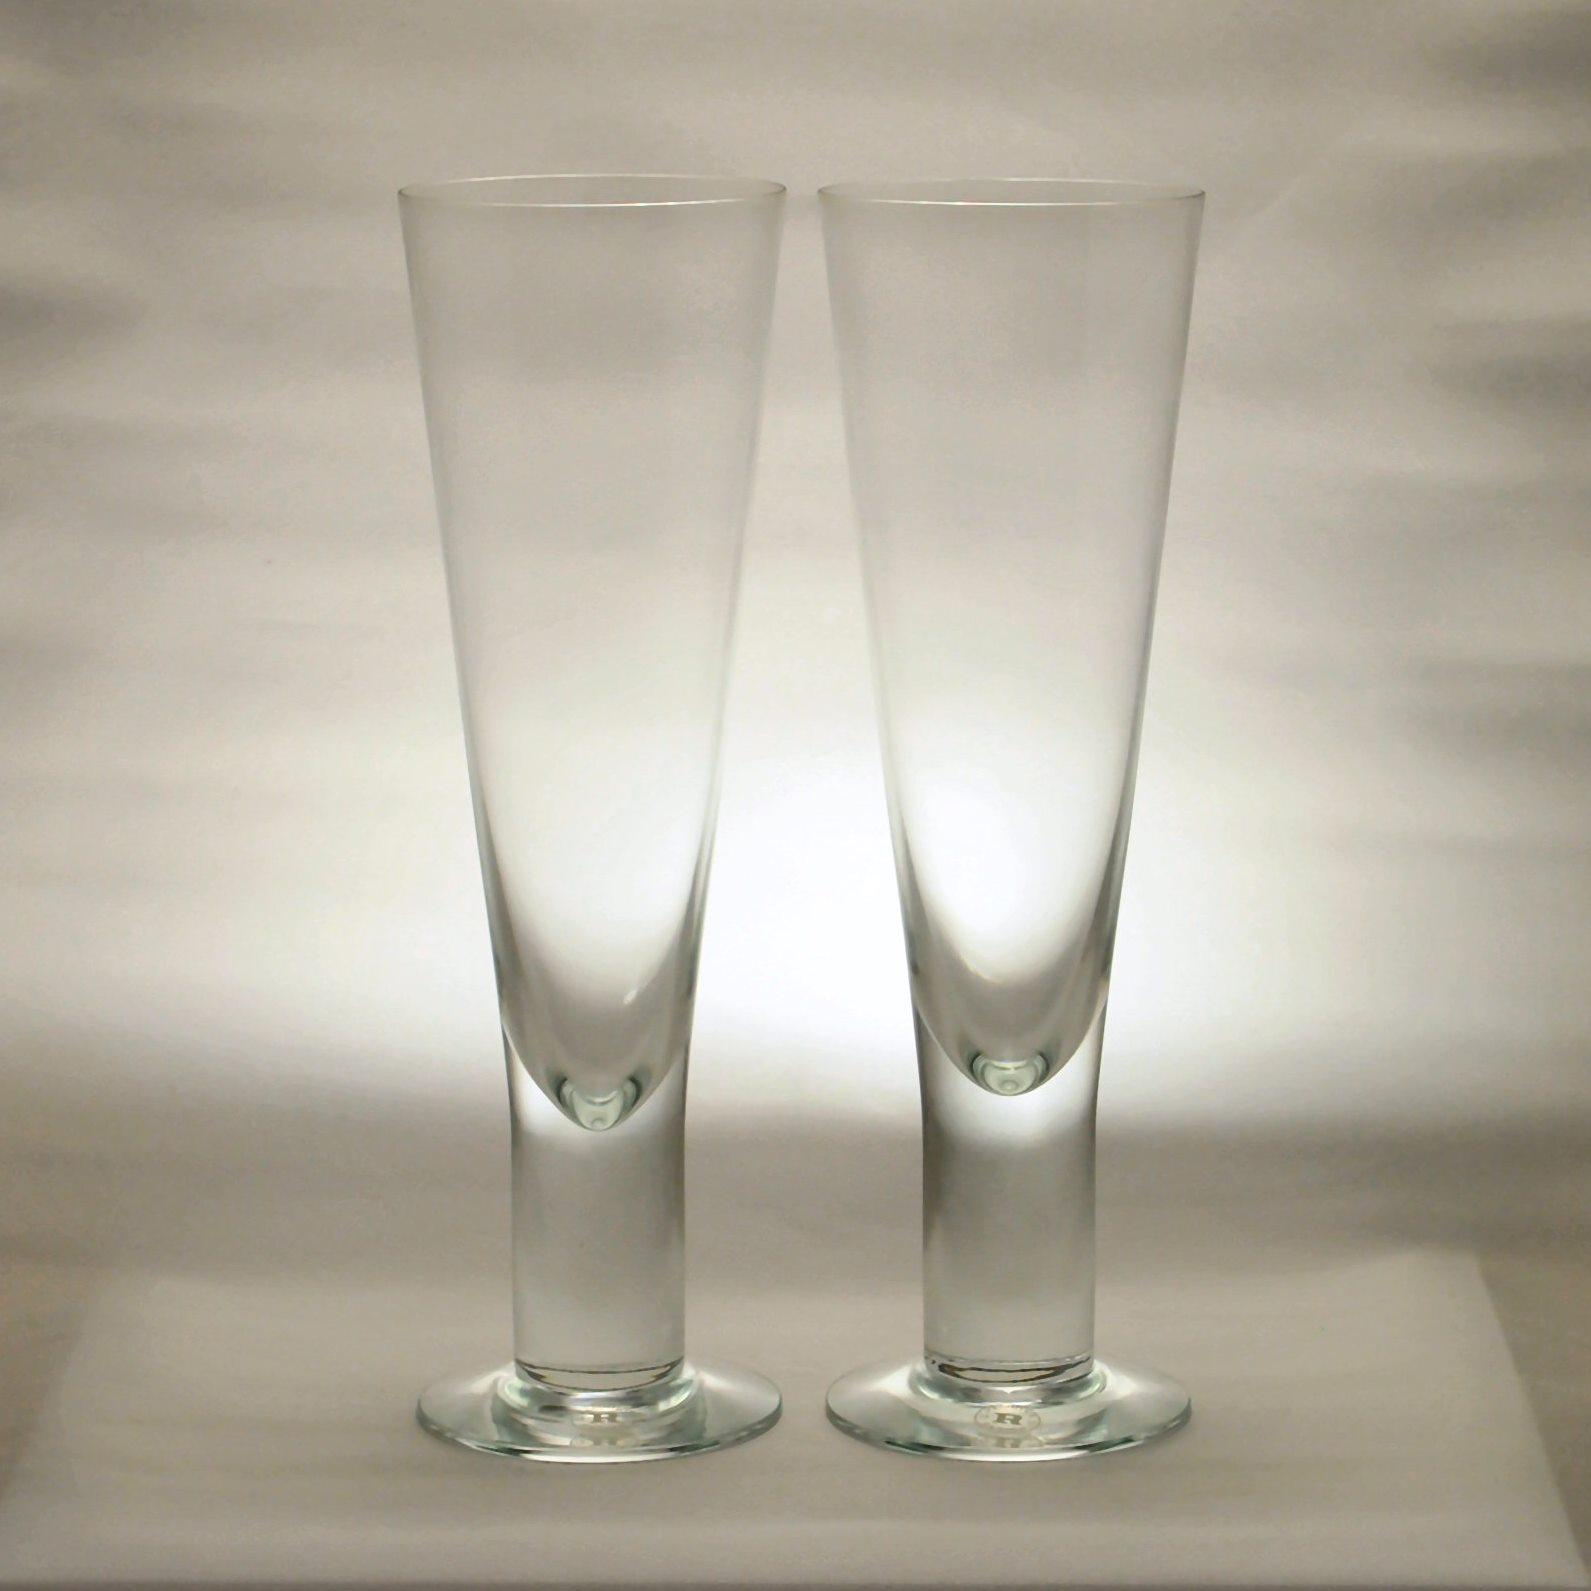 レイミューラー ベーシック ビールグラス ペア Reijmyre Basic Beer Glass Pair